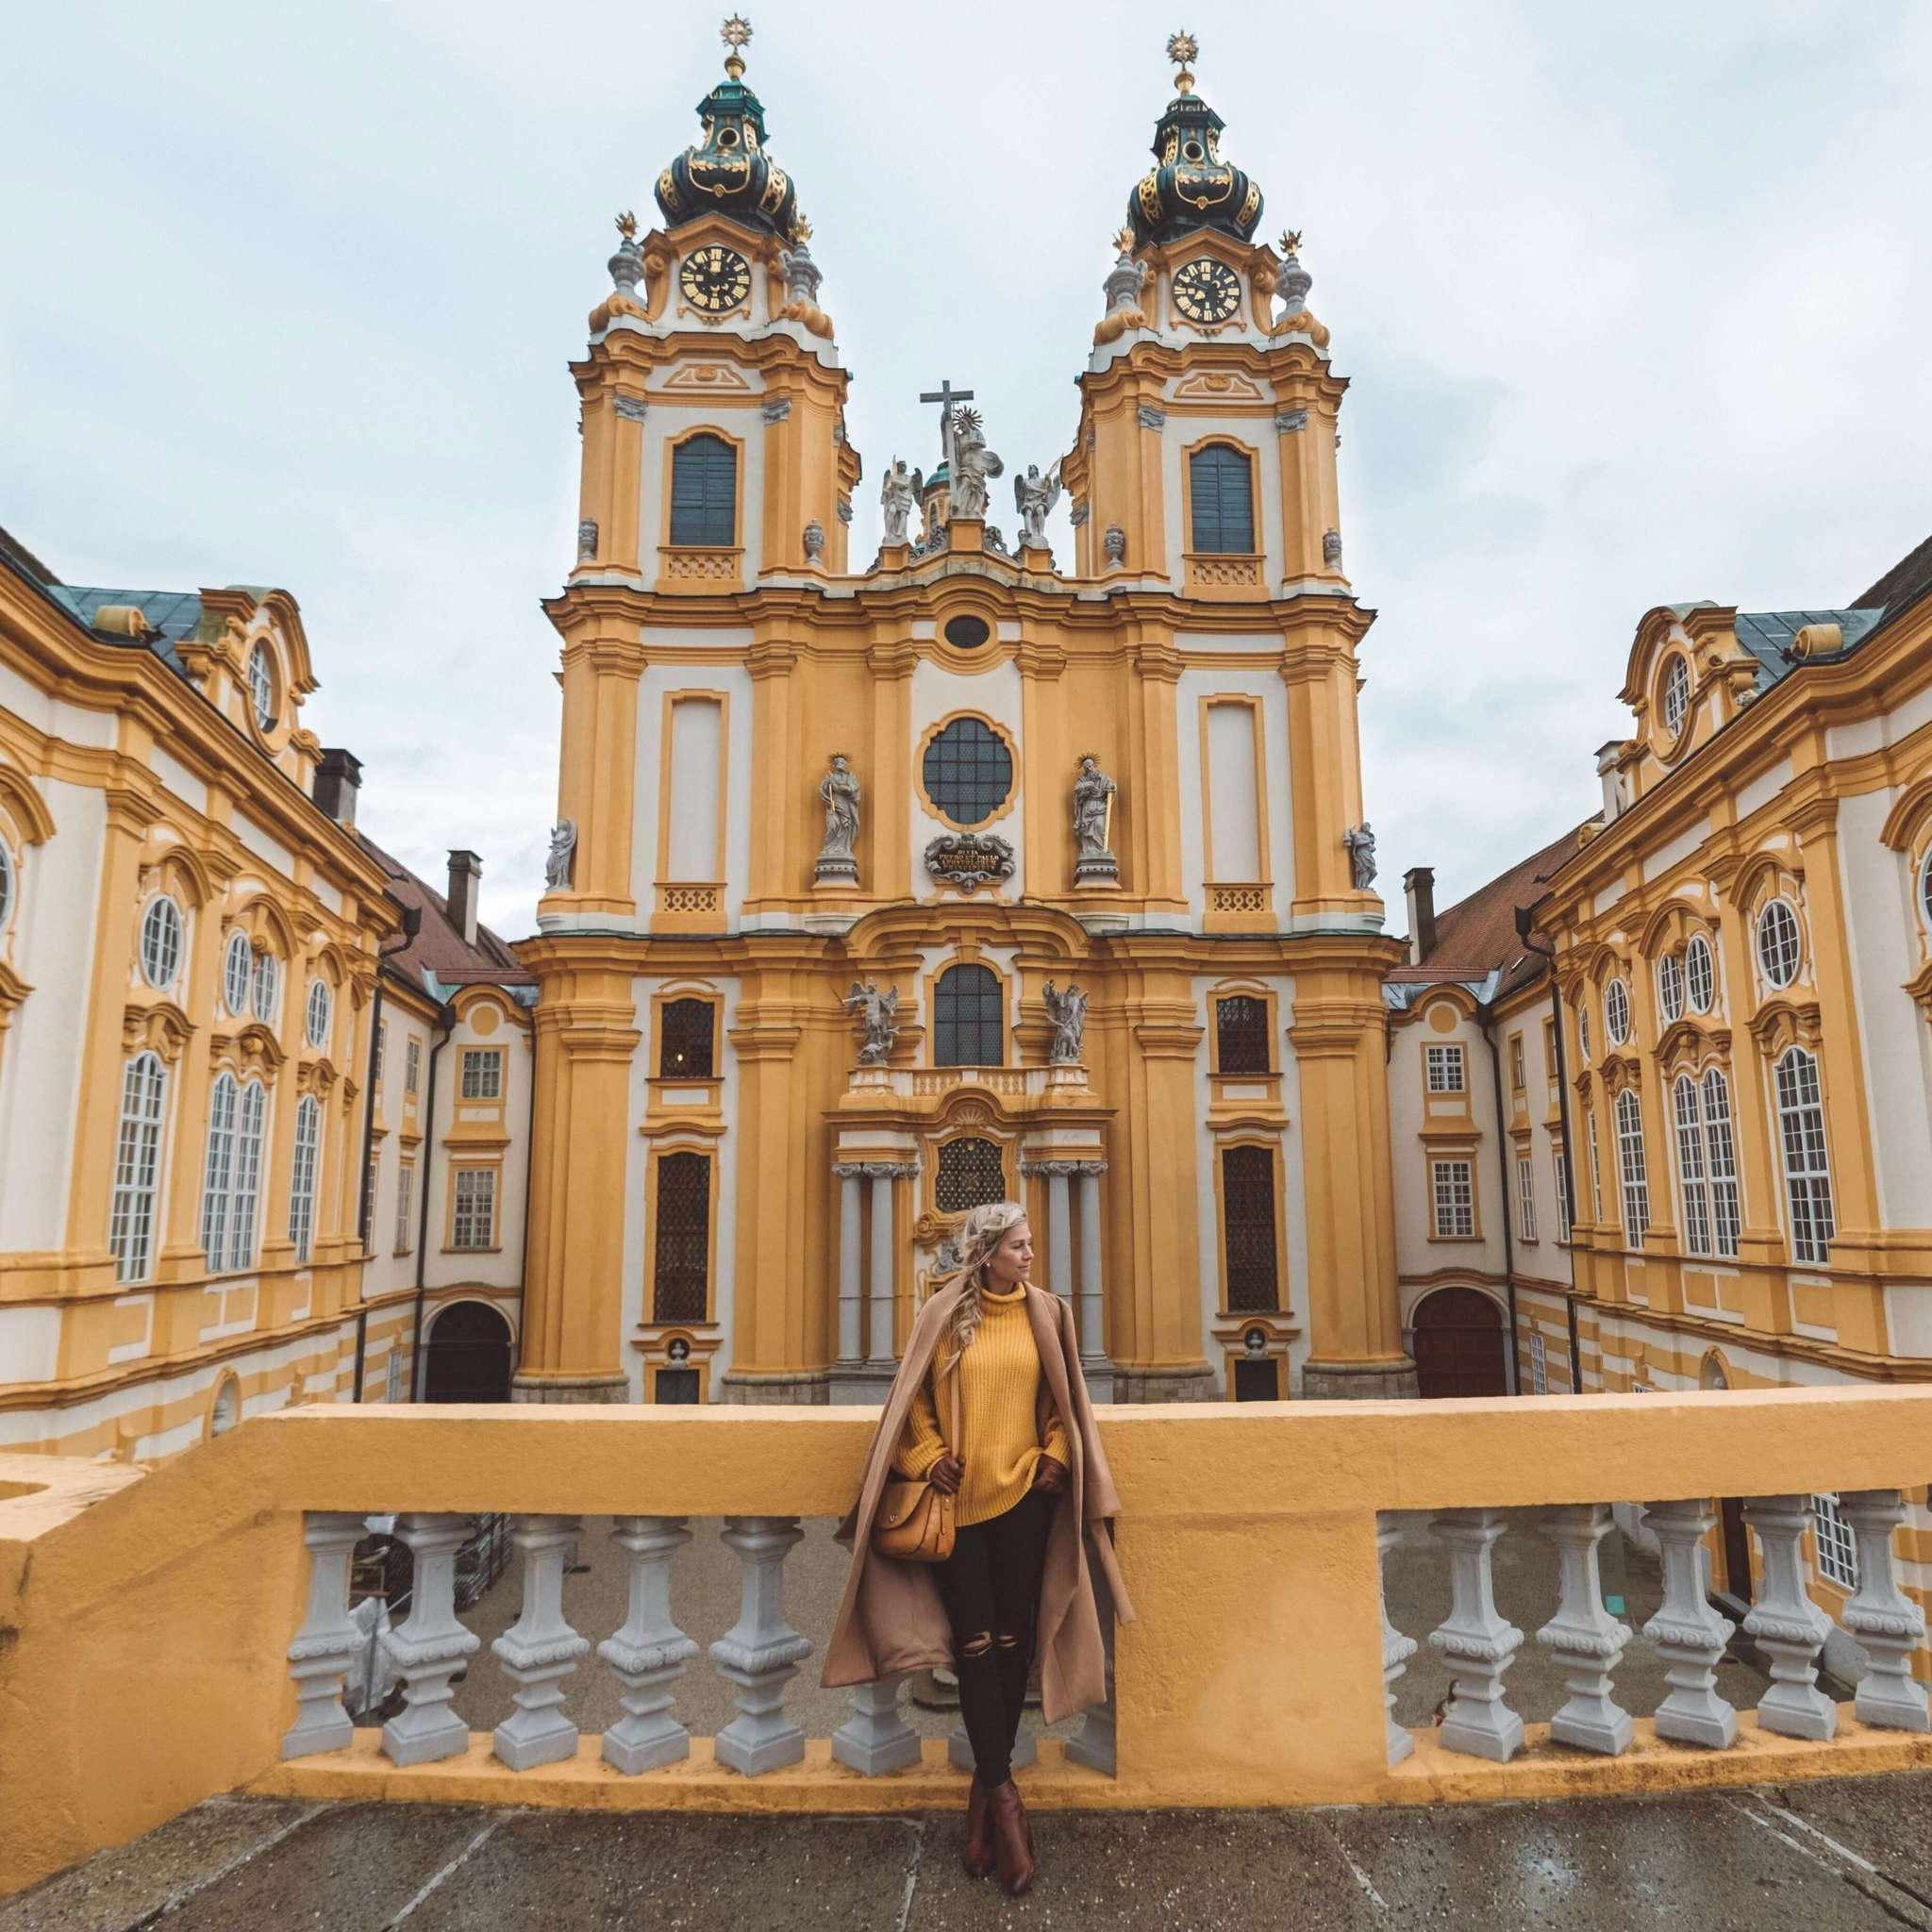 Melk Abbey, Vienna Austria